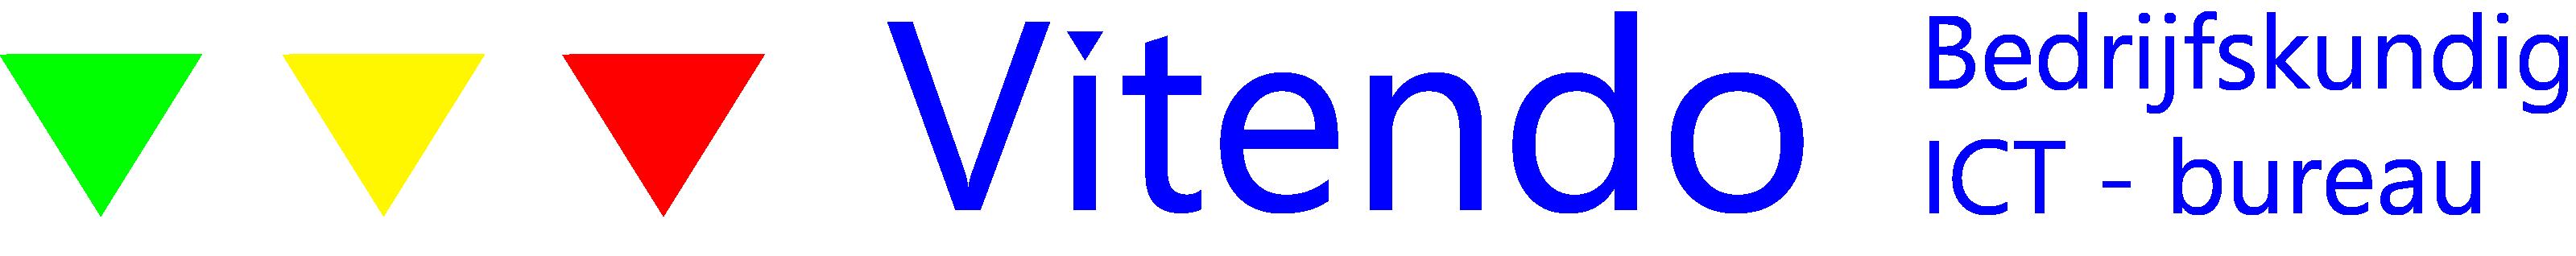 Vitendo - Bedrijfskundig ICT Bureau